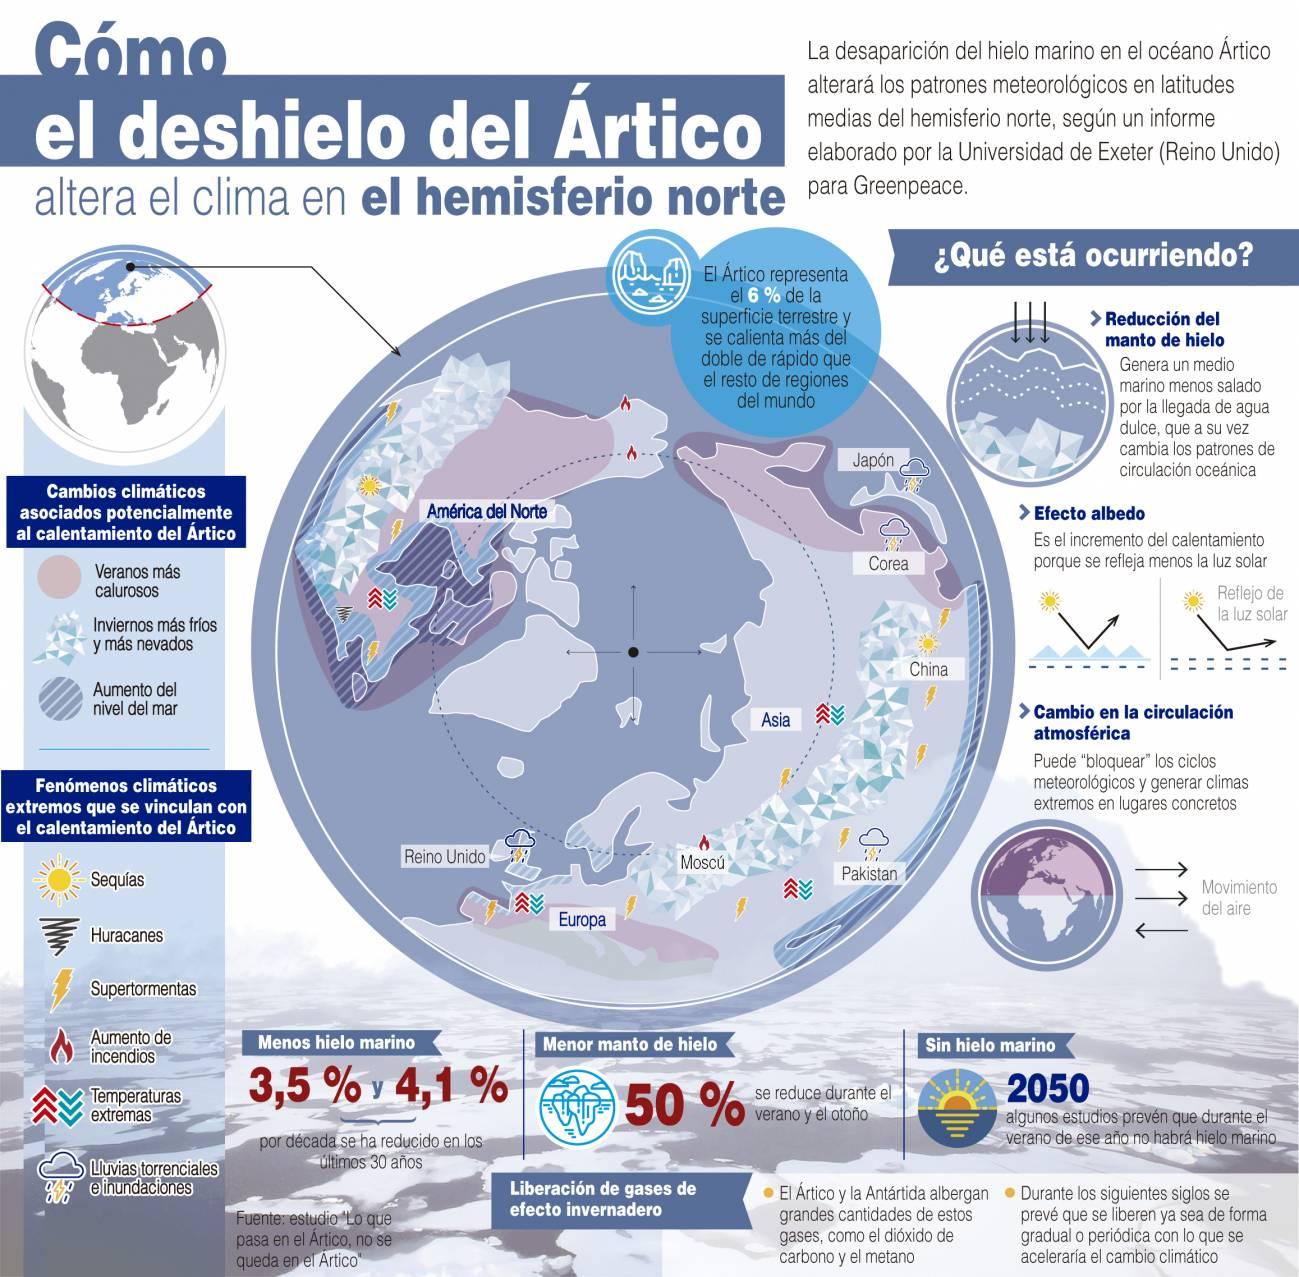 Infografía sobre las posibles consecuencias del deshielo del Ártico. / Efe